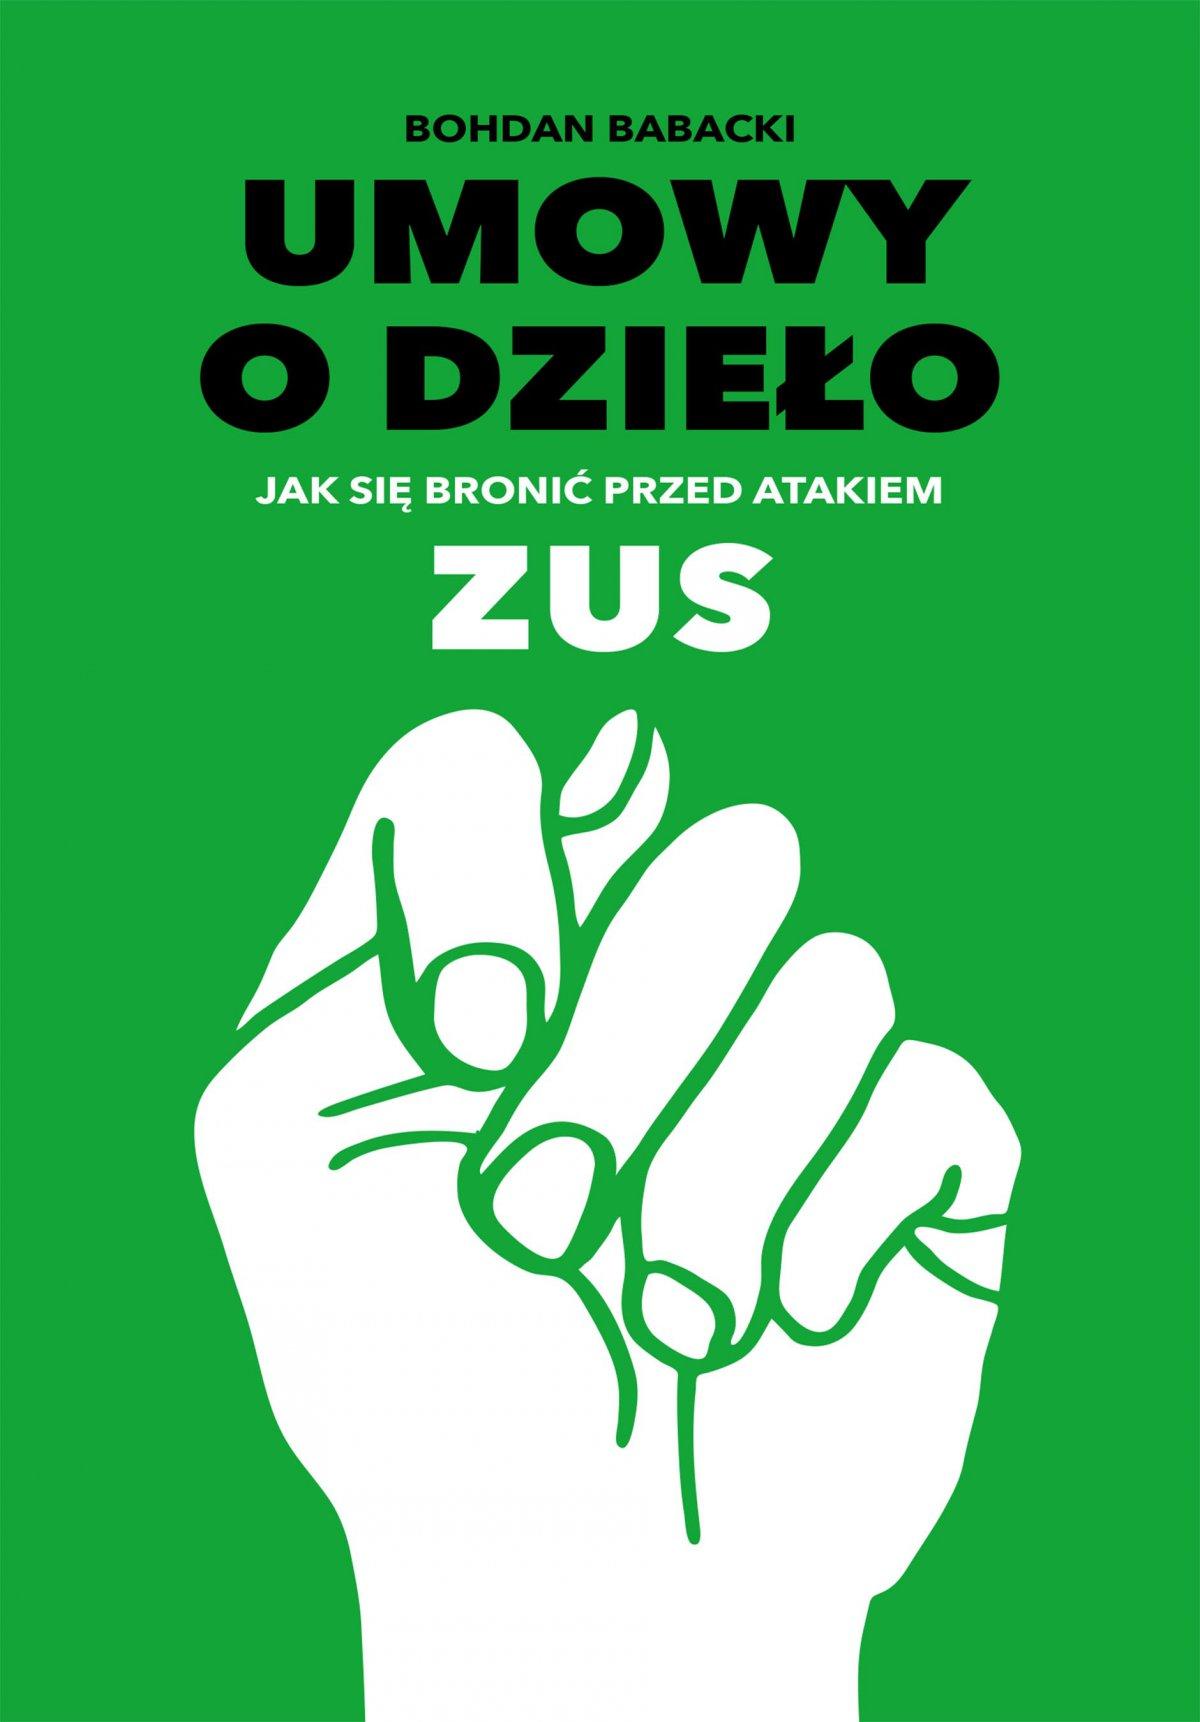 Umowy o dzieło. Jak się bronić przed atakiem ZUS - Ebook (Książka PDF) do pobrania w formacie PDF